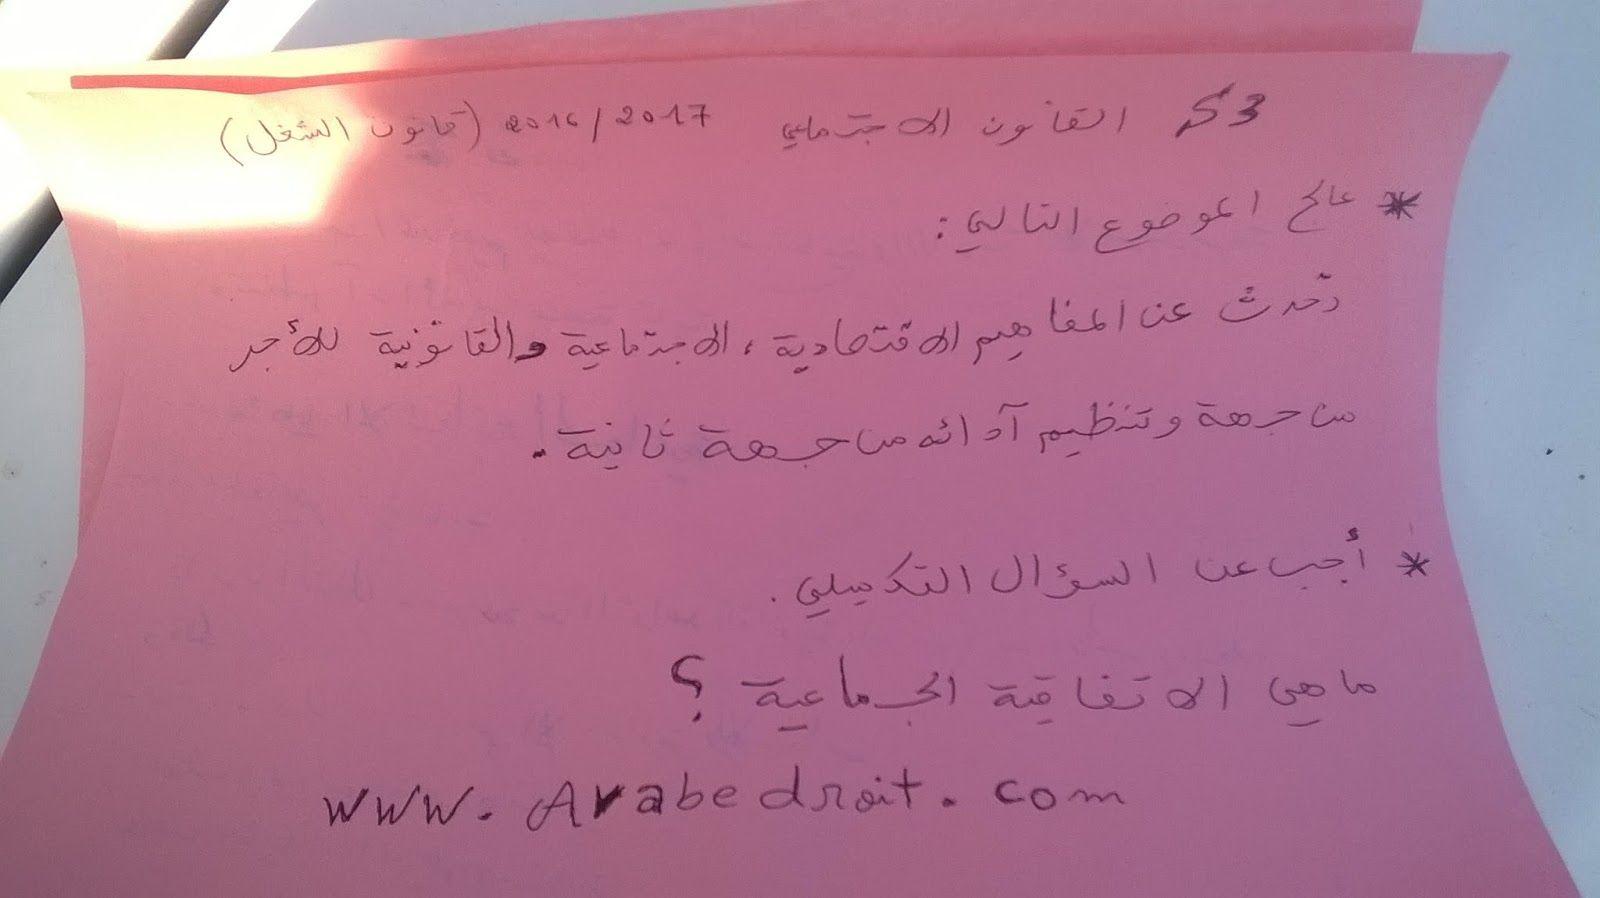 صيغة ونموذج اتفاقية اتعاب محاماه Word Pdf نادي المحامي السوري Arabic Calligraphy Calligraphy Arabic